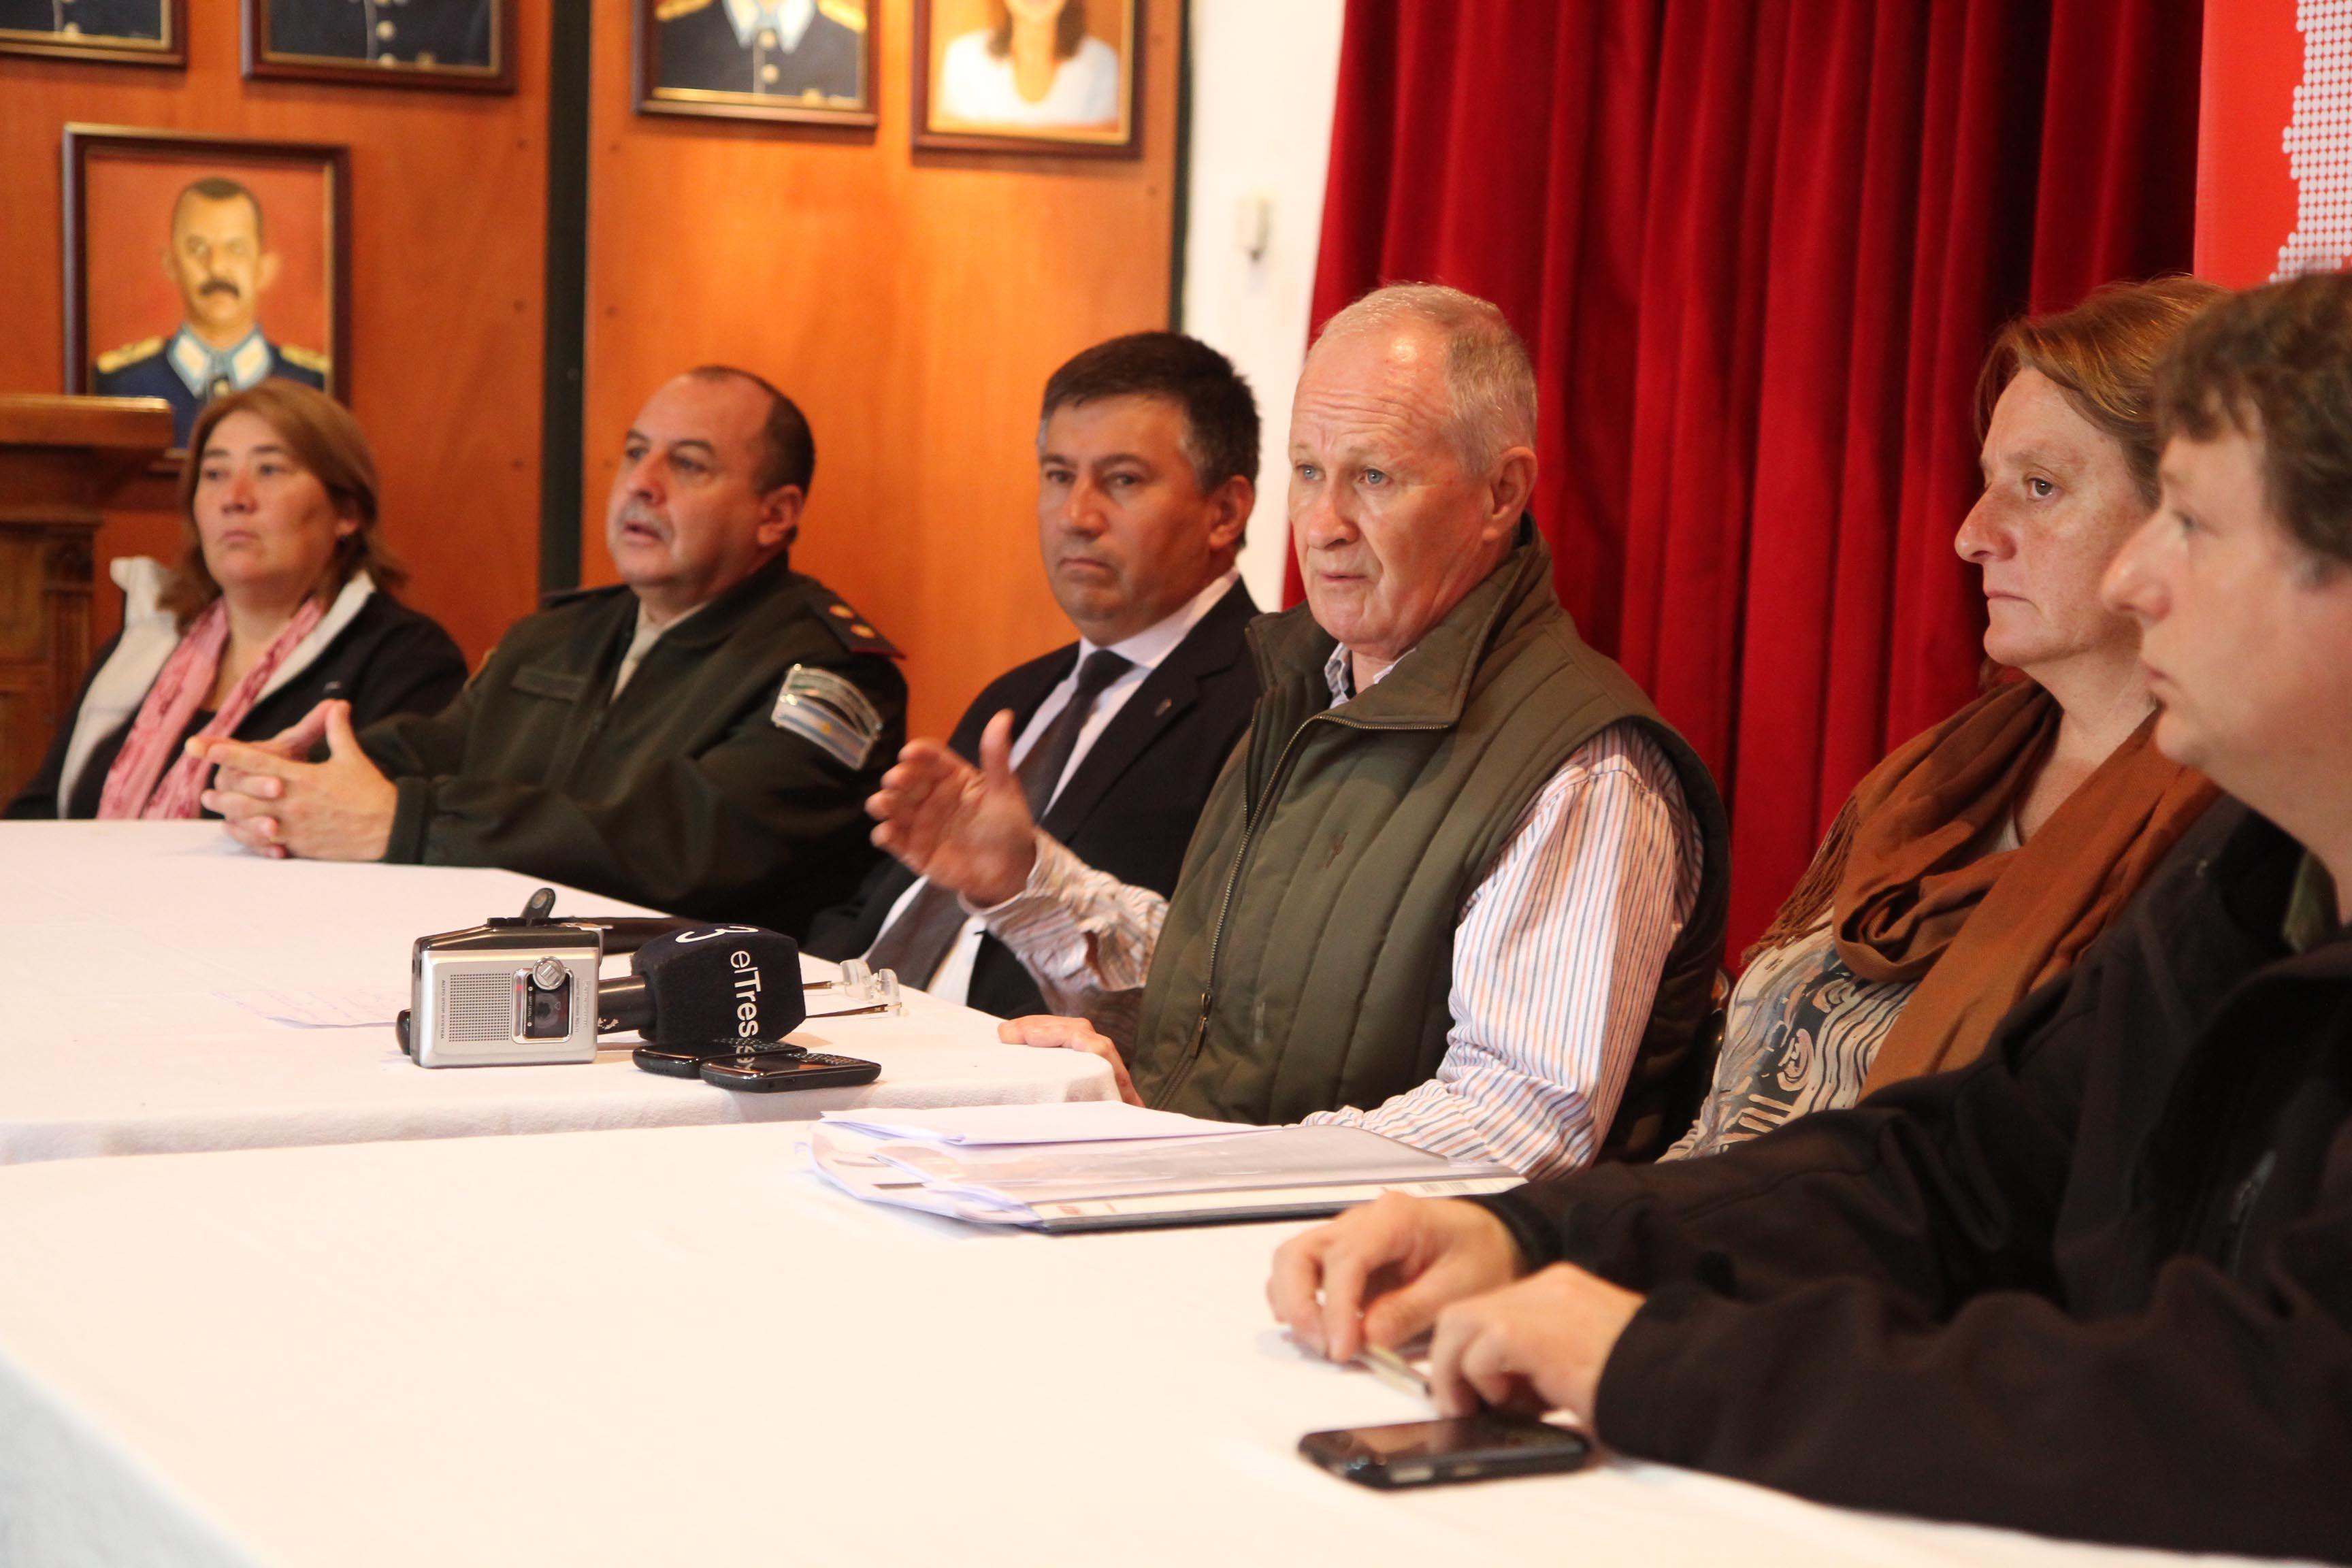 El ministro Lamberto junto a Viglione y al resto de las autoridades durante la conferencia de prensa.